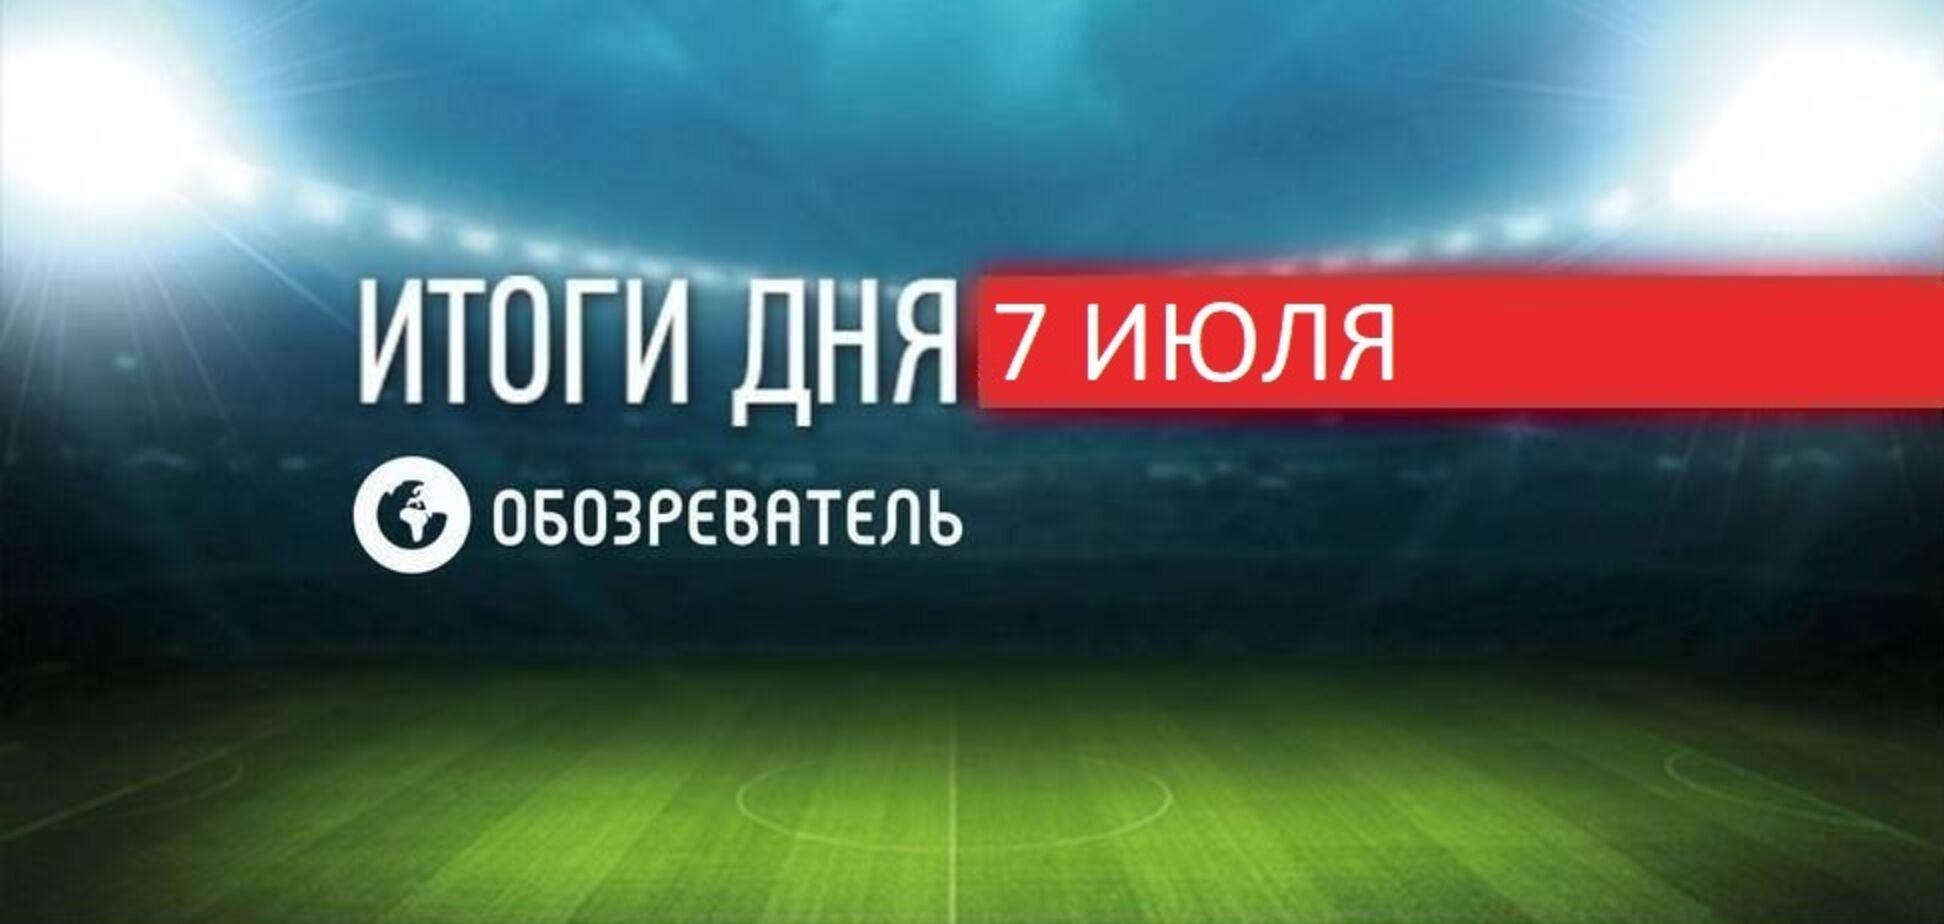 Определились финалисты Евро-2020: новости спорта 7 июля